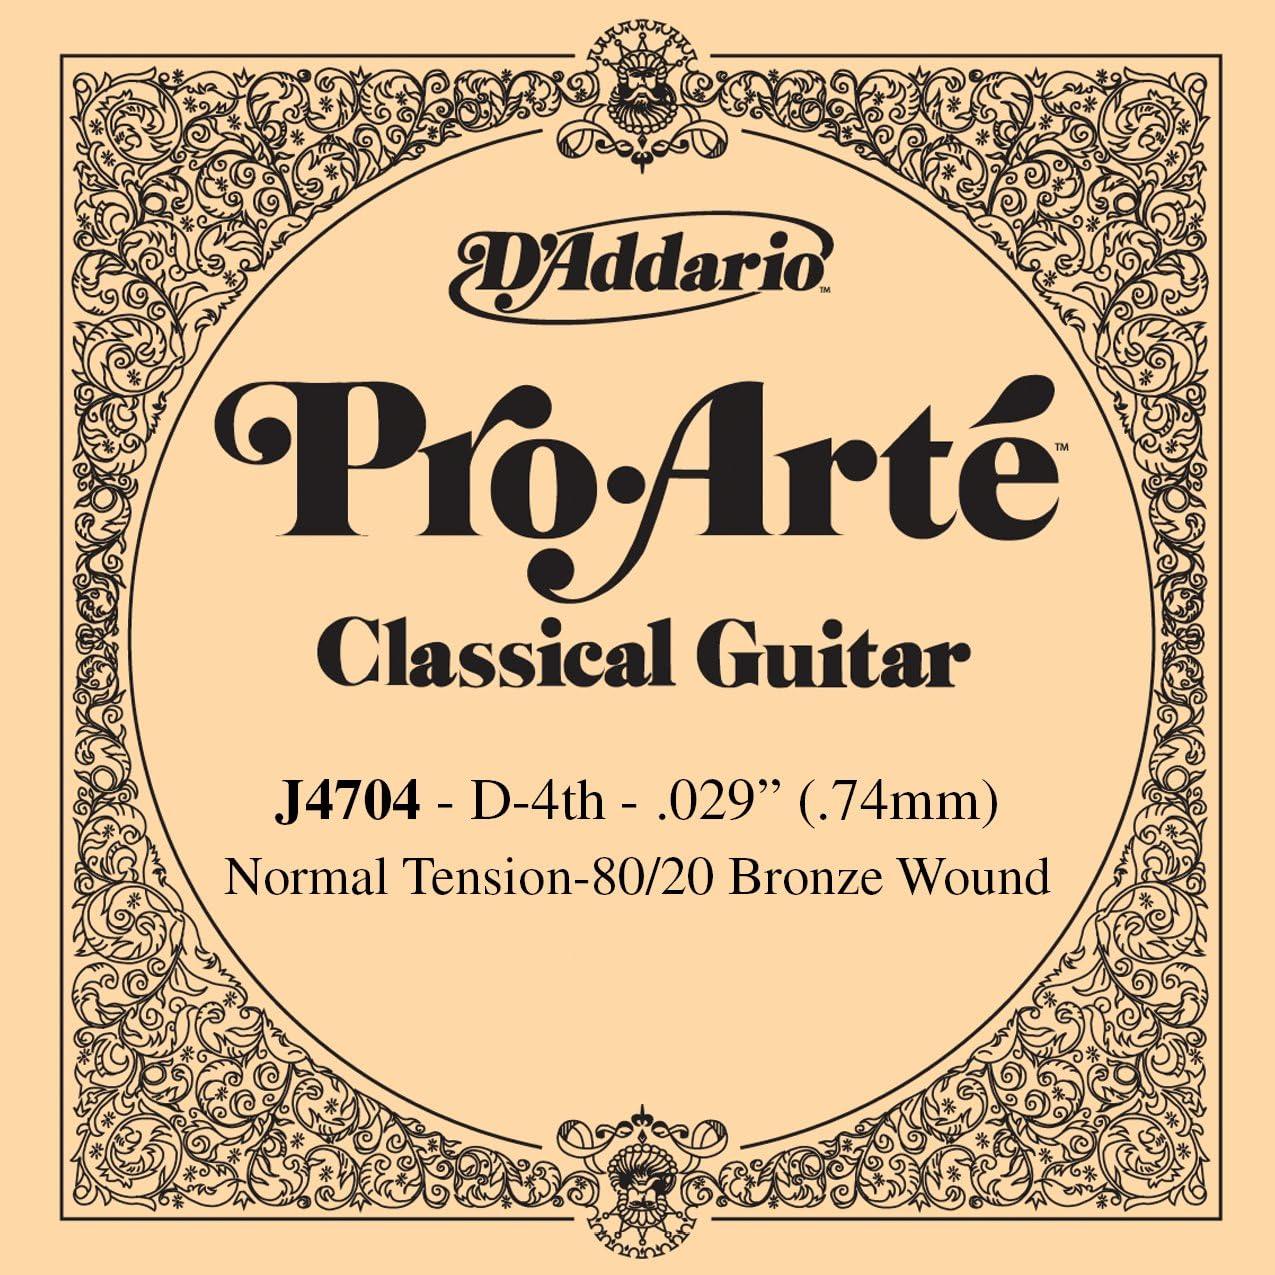 D'Addario J4704 Pro-Arte, cuerda individual de nailon entorchada en bronce 80/20 para guitarra clásica, tensión normal, cuarta cuerda, naranja